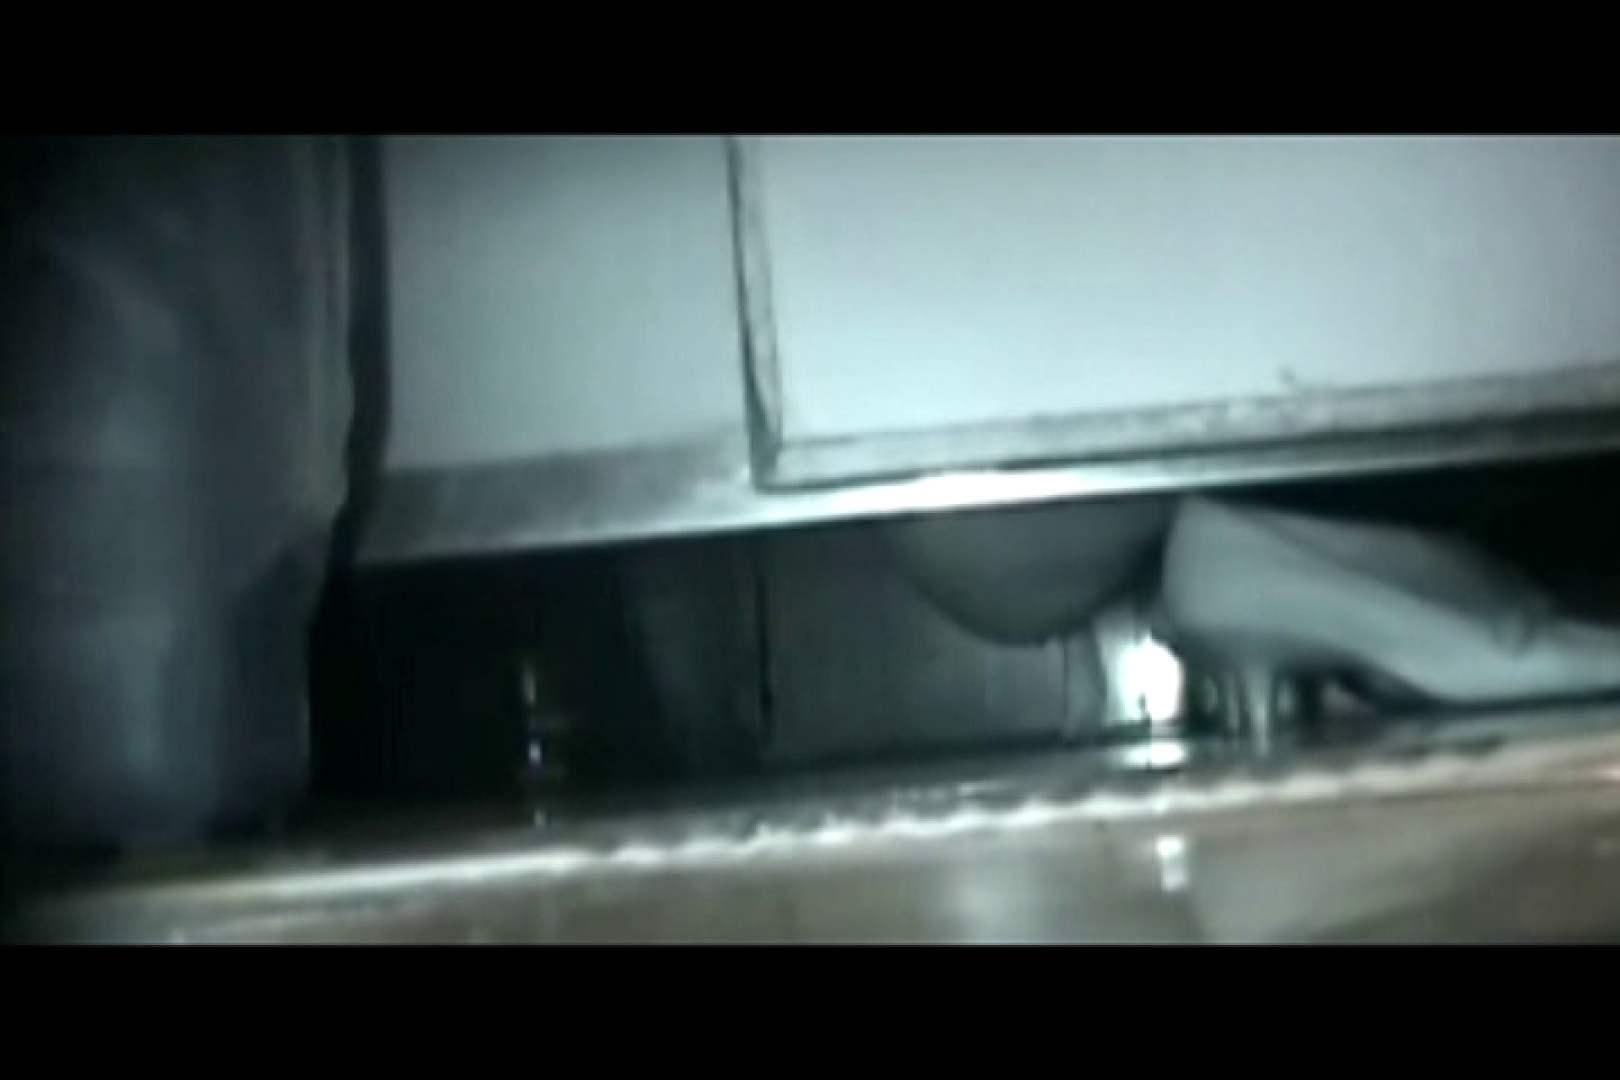 ぼっとん洗面所スペシャルVol.19 洗面所 | おまんこモロ出し  109pic 63